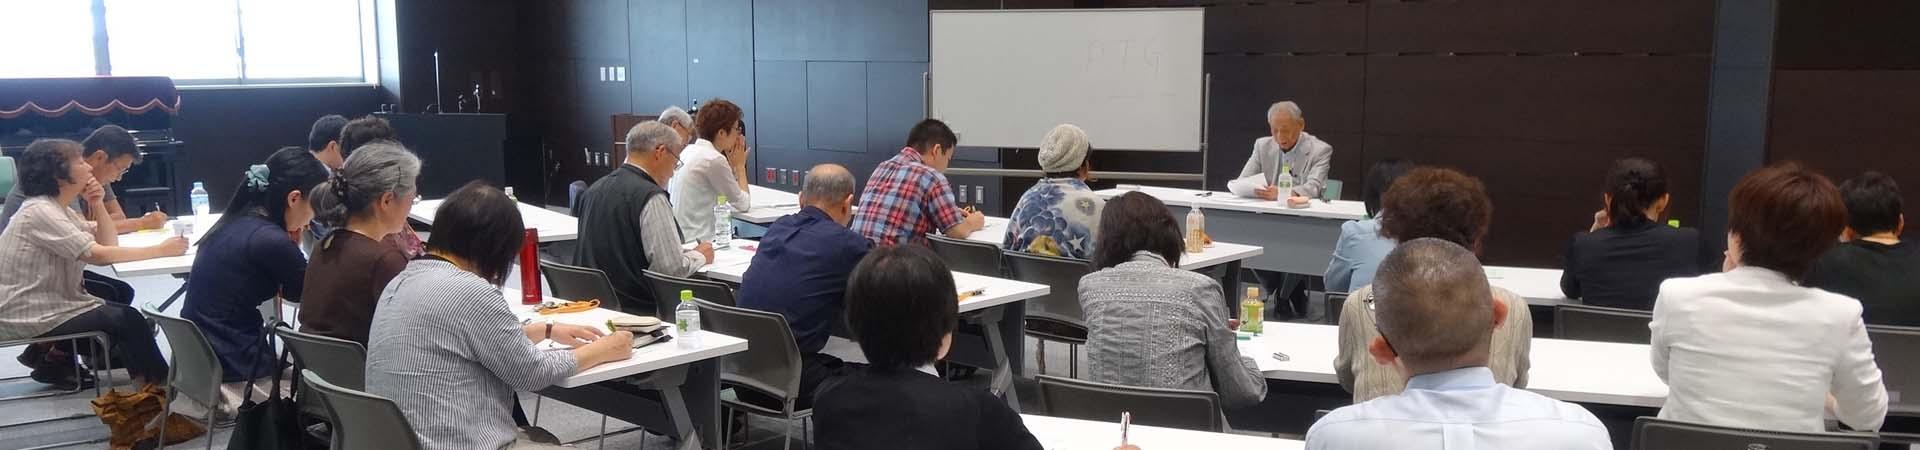 特定非営利活動法人 仙台グリーフケア研究会